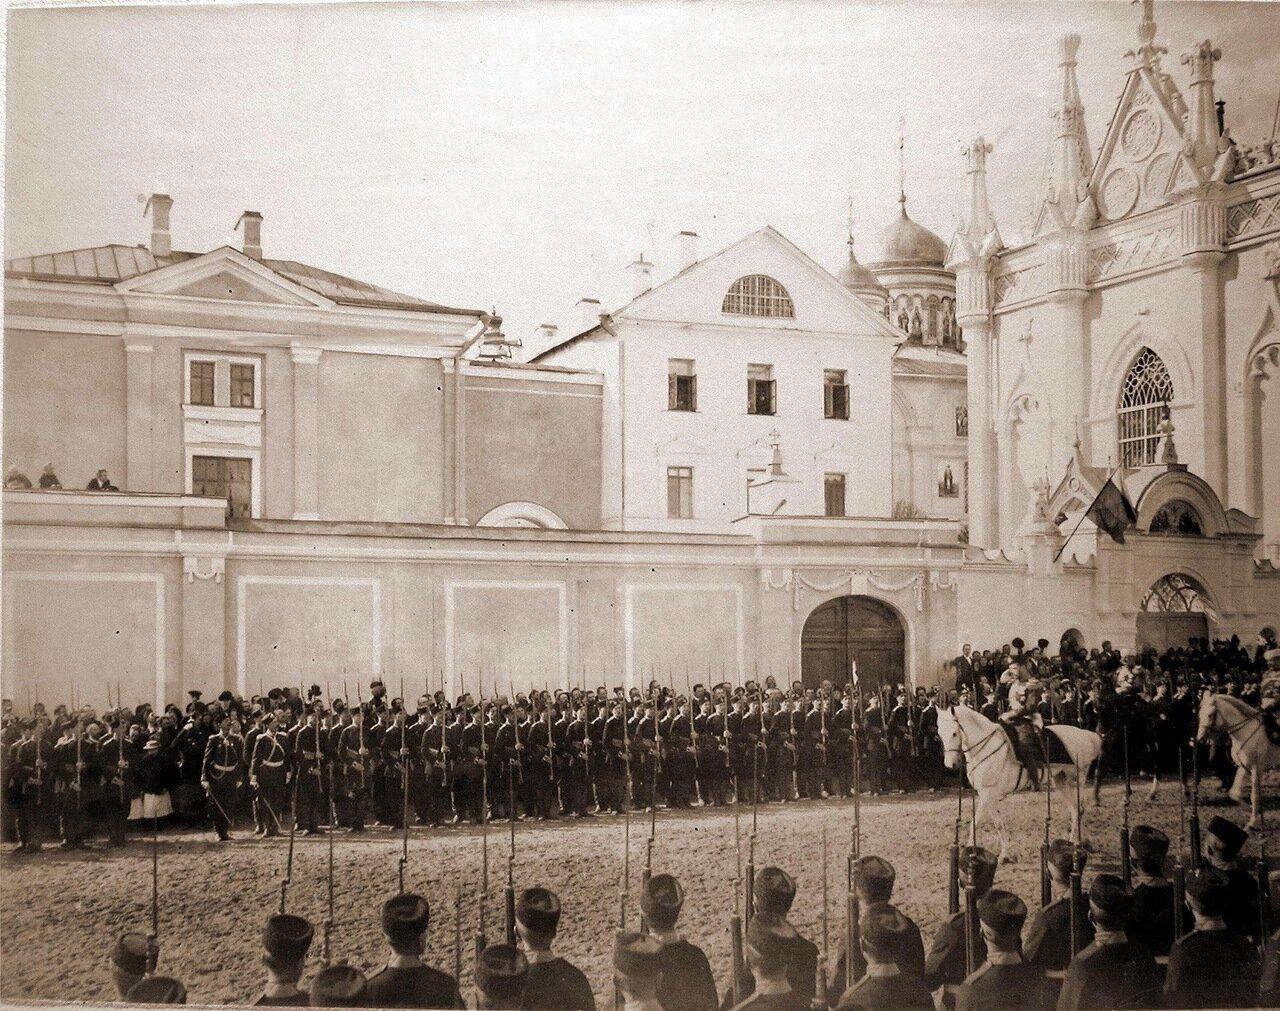 Император Николай II (впереди на белом коне) со свитой в Кремле у Вознесенского монастыря в день торжественного въезда в Москву их императорских величеств; справа - церковь Св.Екатерины